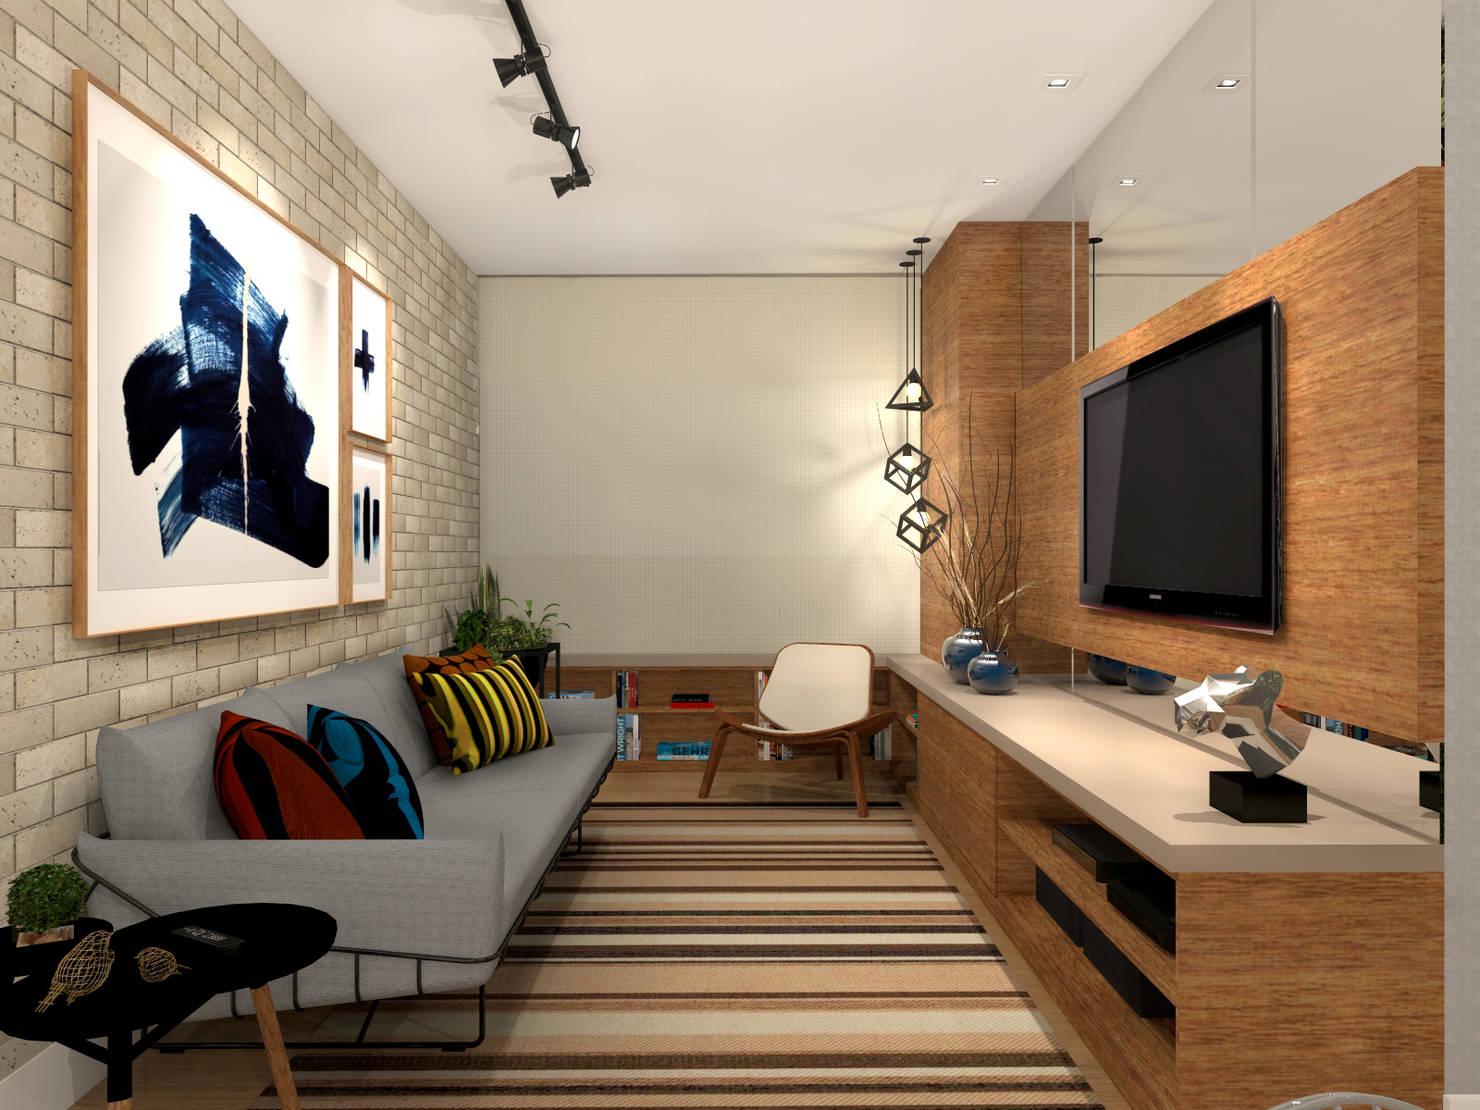 7 soluções para decorar uma sala estreita com perfeição